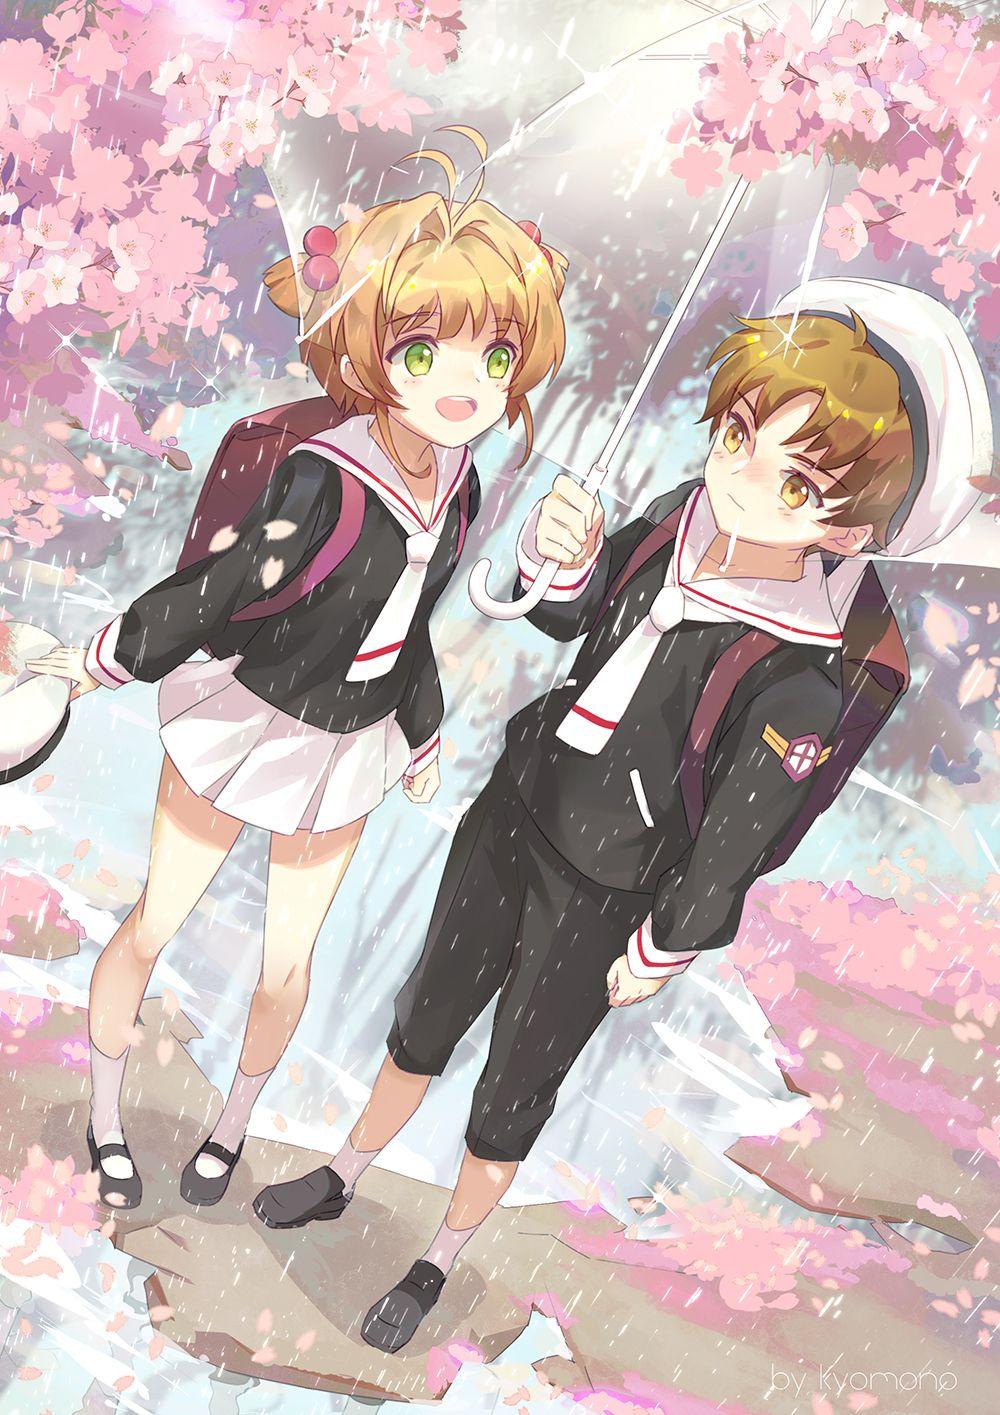 Sakura and Syaoran, by Pixiv Id 3779245 Otaku, Ảnh Hoạt Hình Chibi, Inuyasha